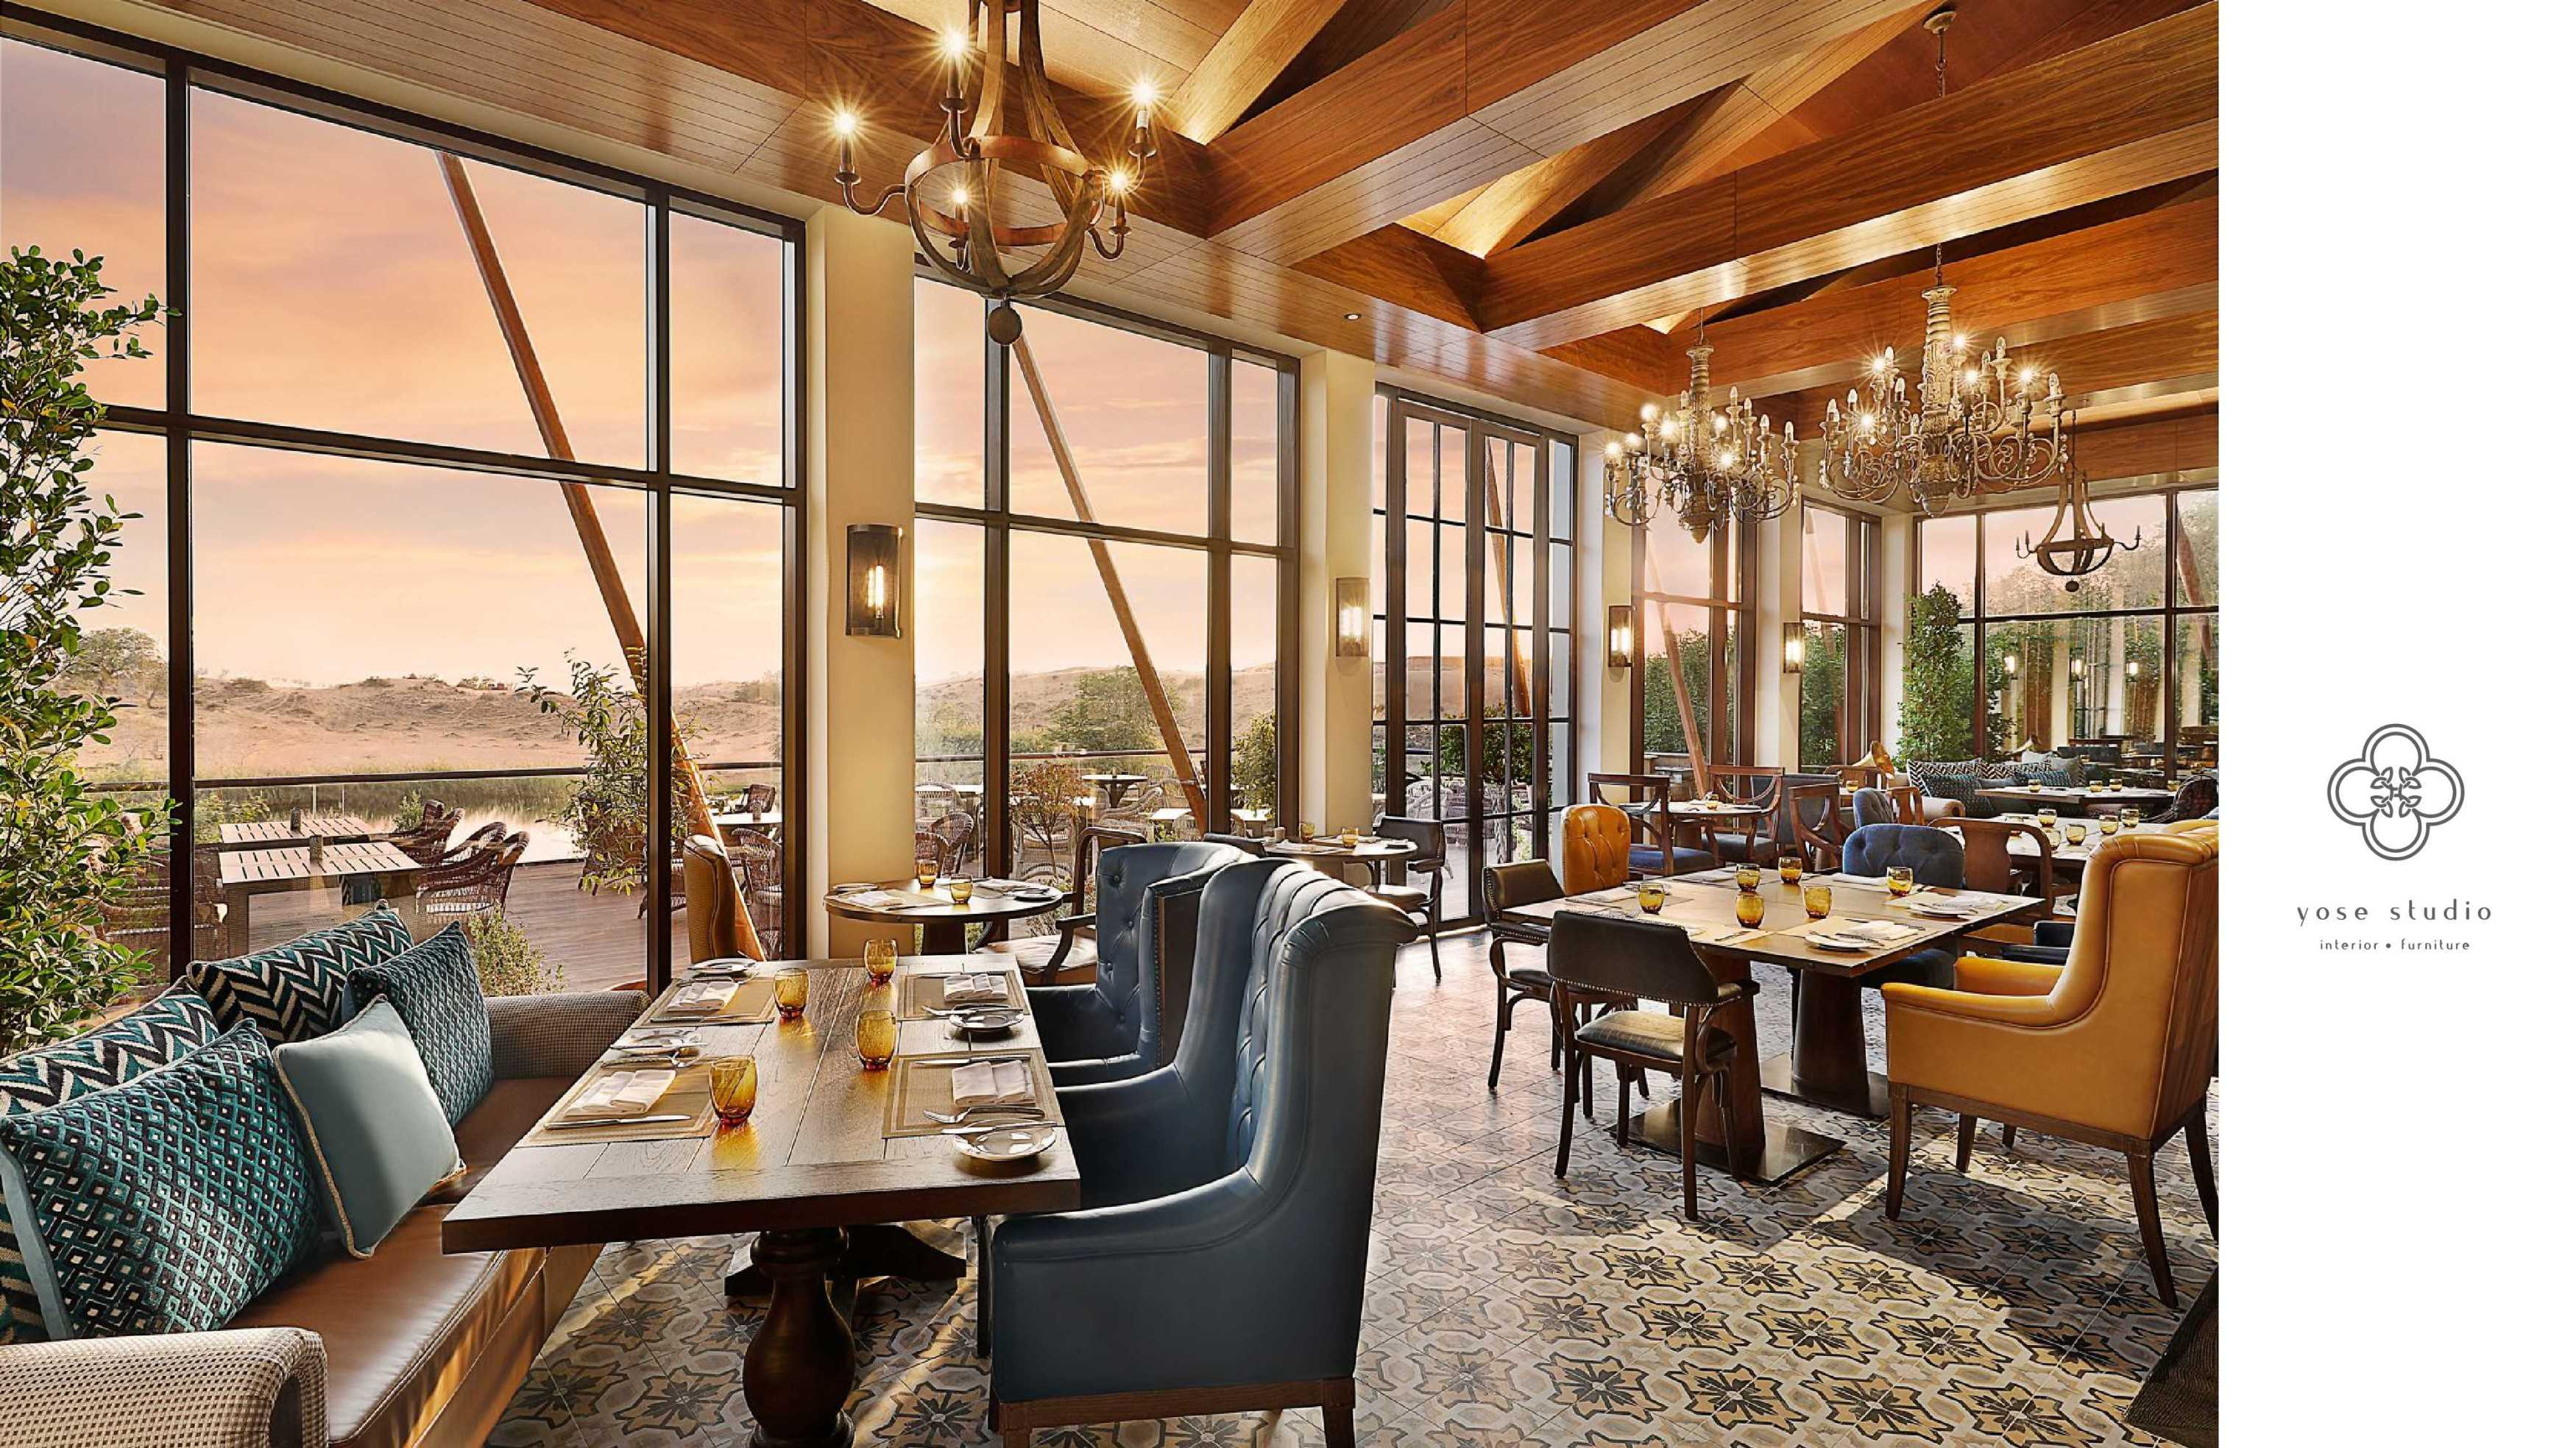 Yose Studio Ritz Carlton Al Wadi Uni Emirat Arab Uni Emirat Arab Yose-Studio-Ritz-Carlton-Al-Wadi   109784